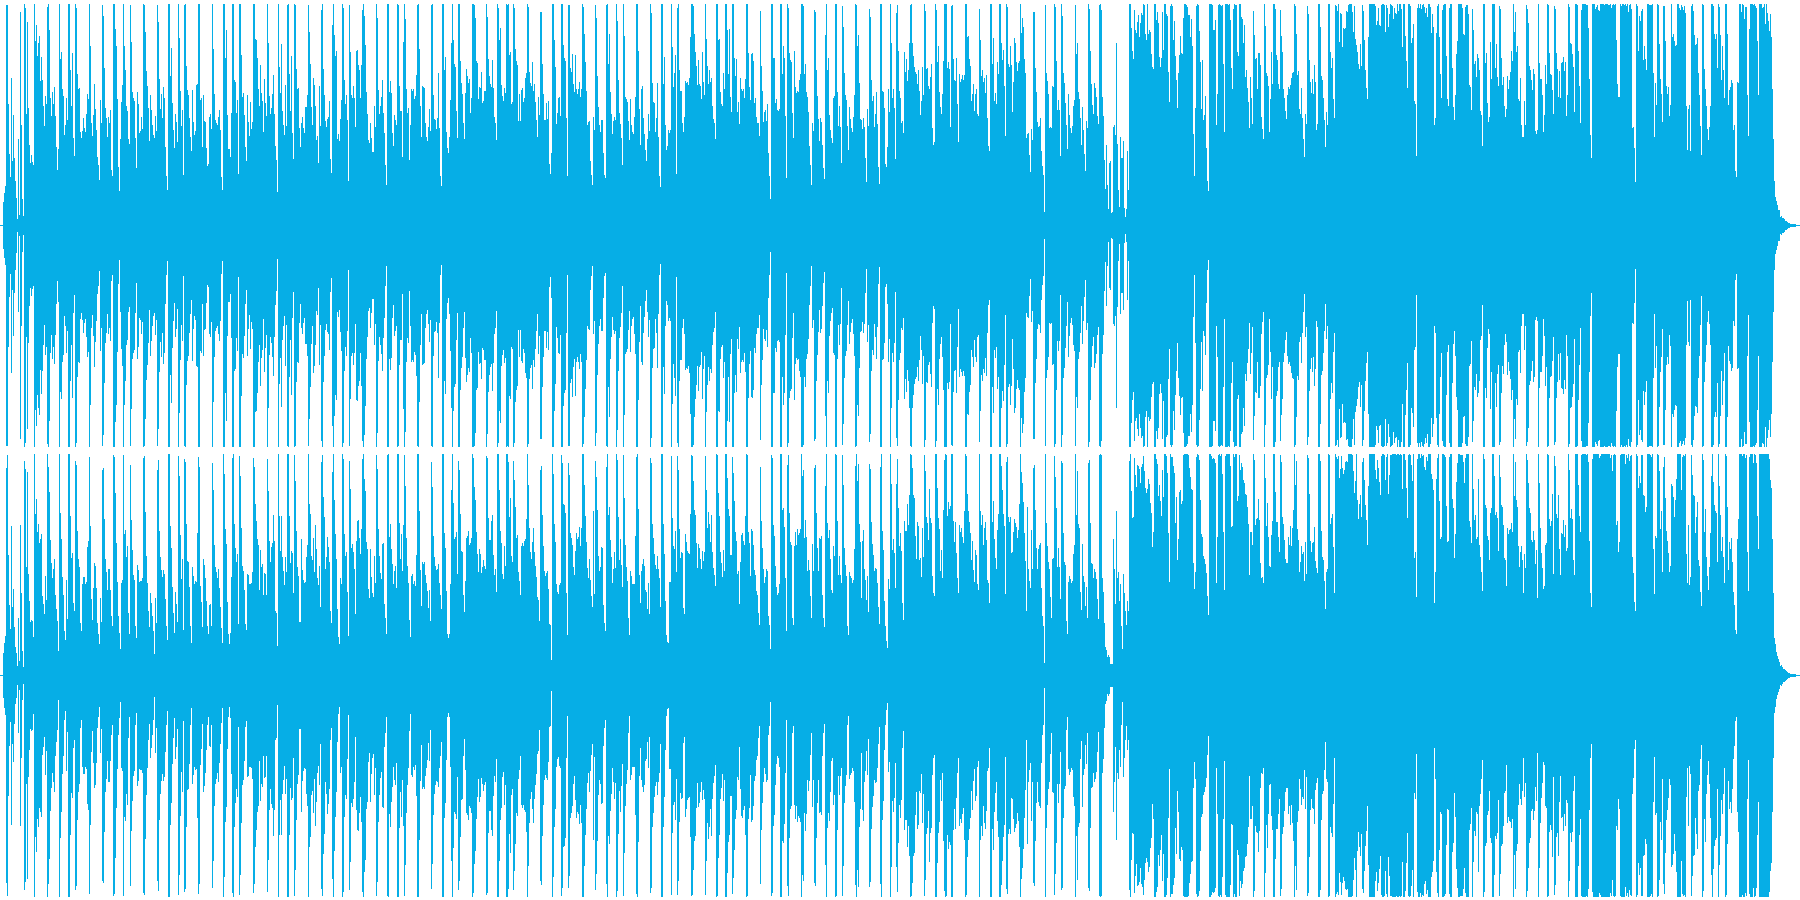 コミカル 気怠い感じのファンクの再生済みの波形